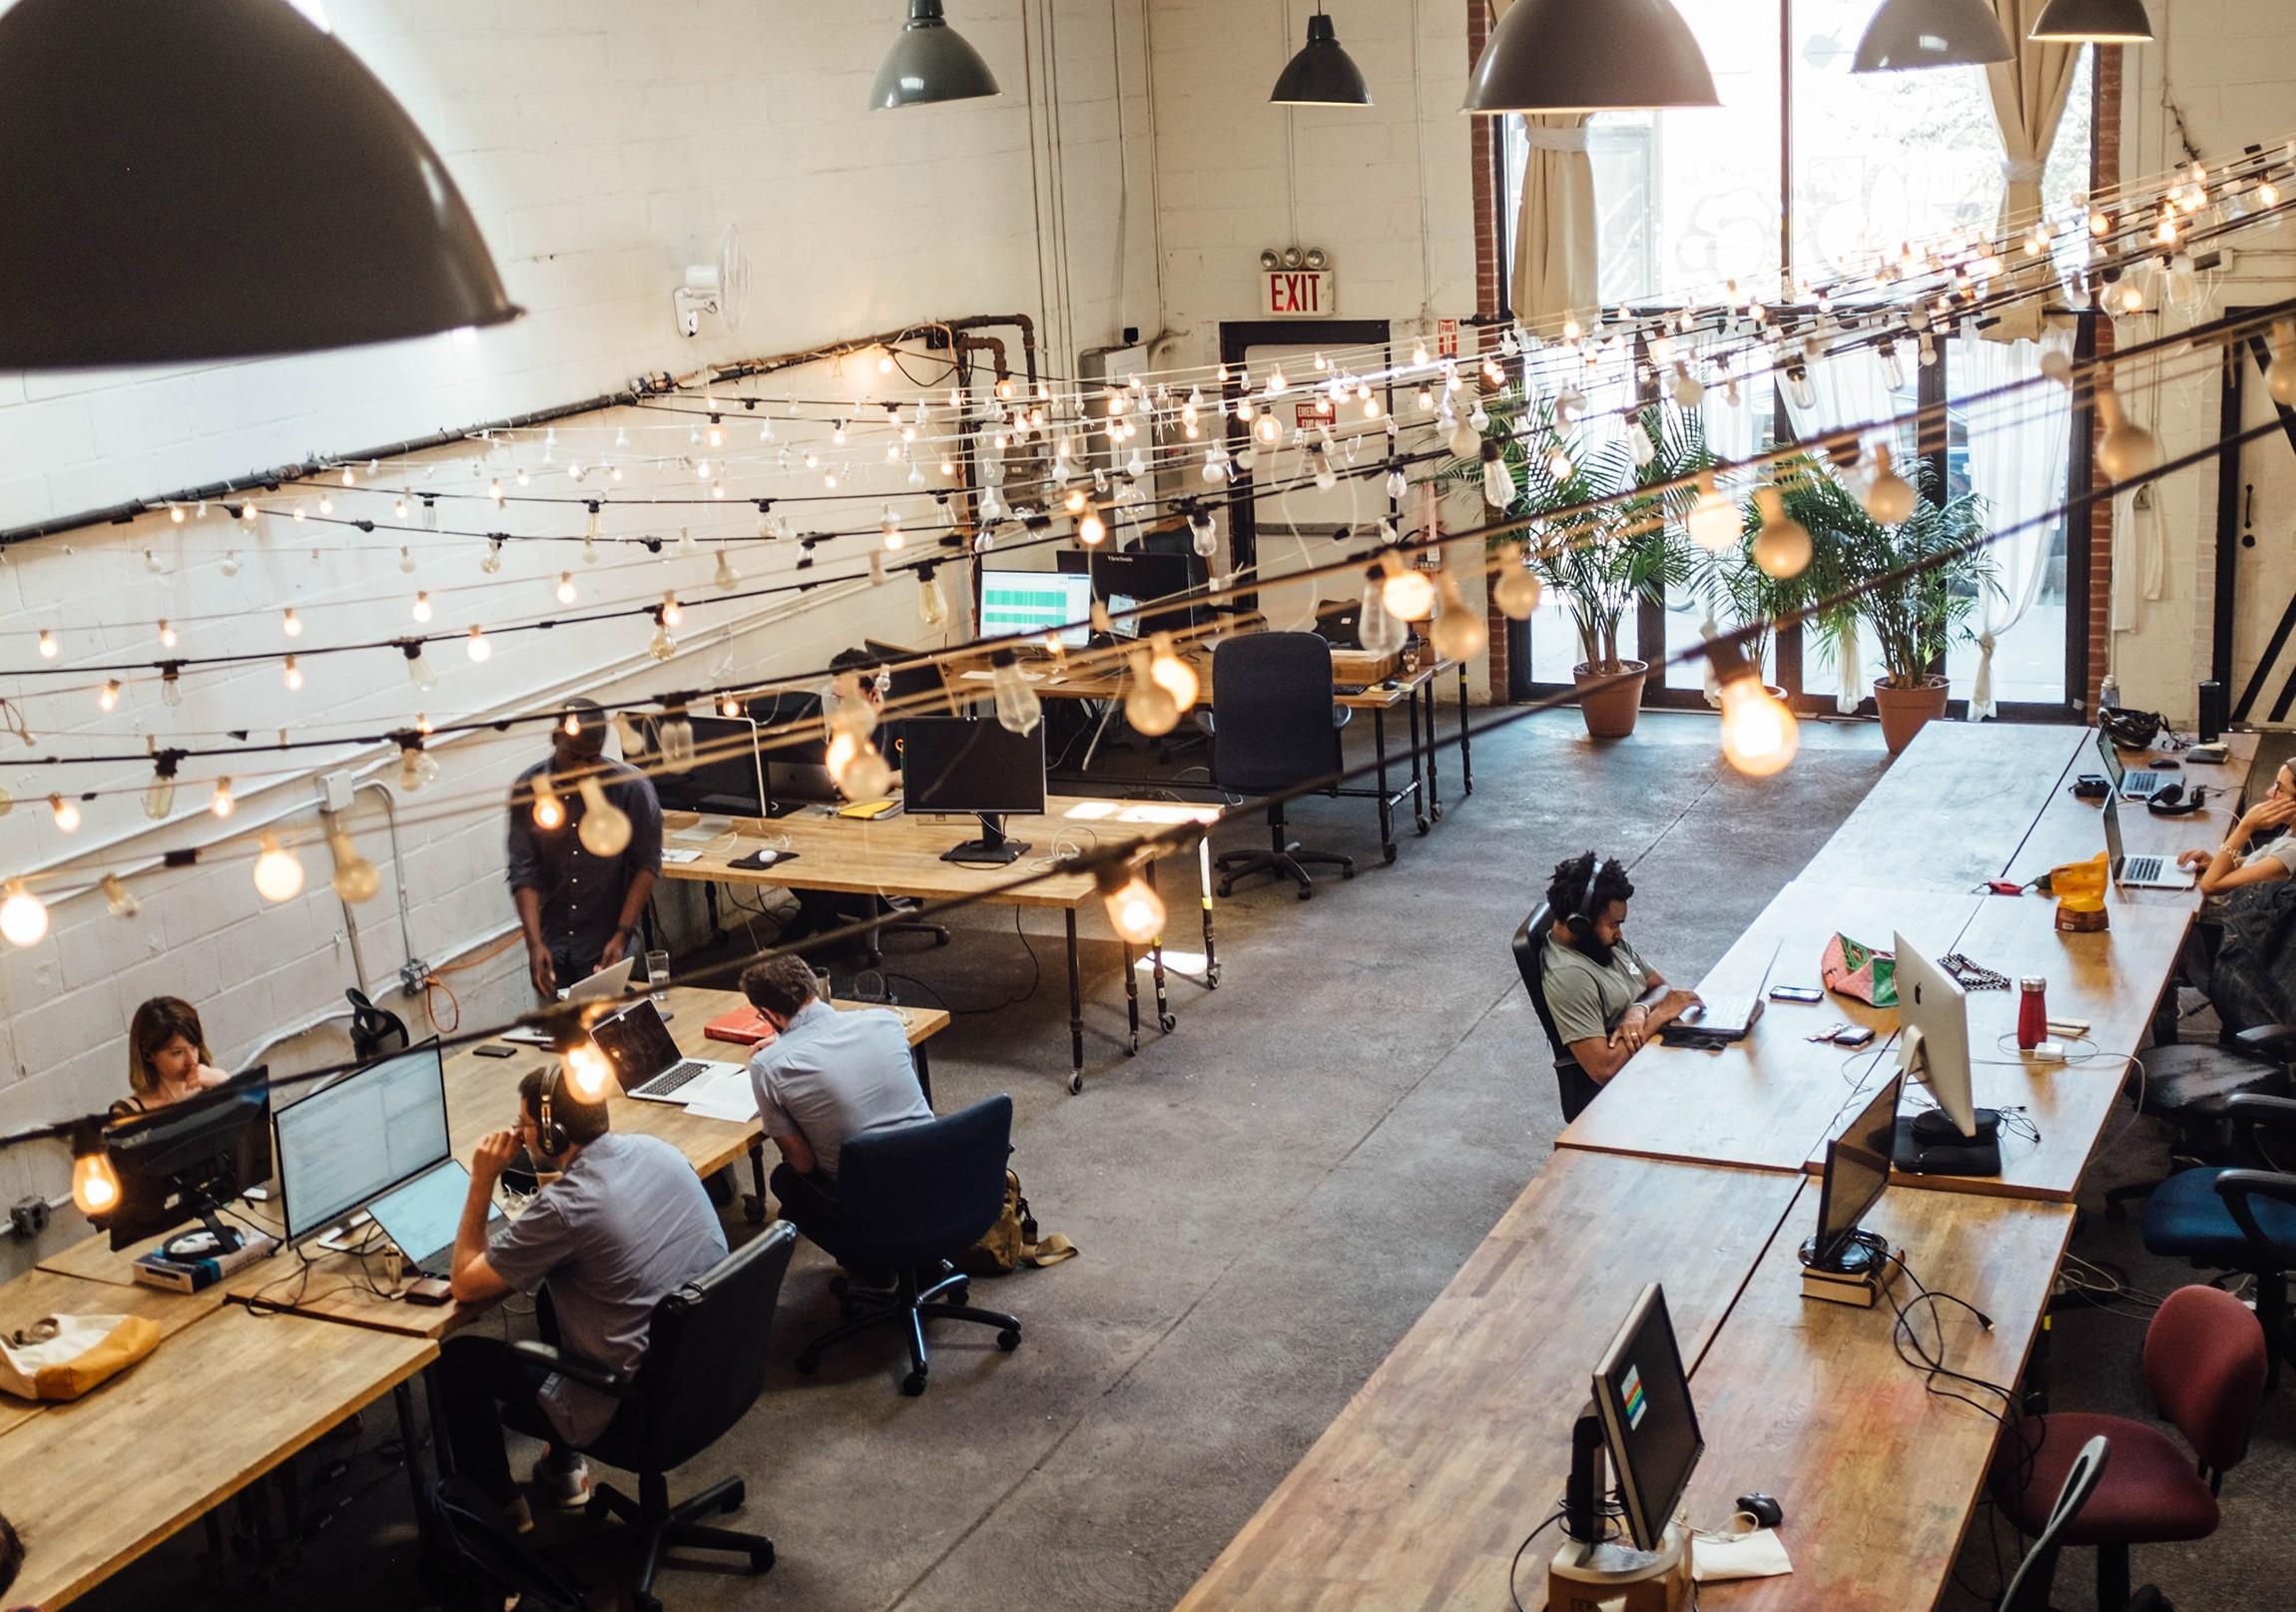 Menschen in einem Coworking Space in New York, von oben gesehen.